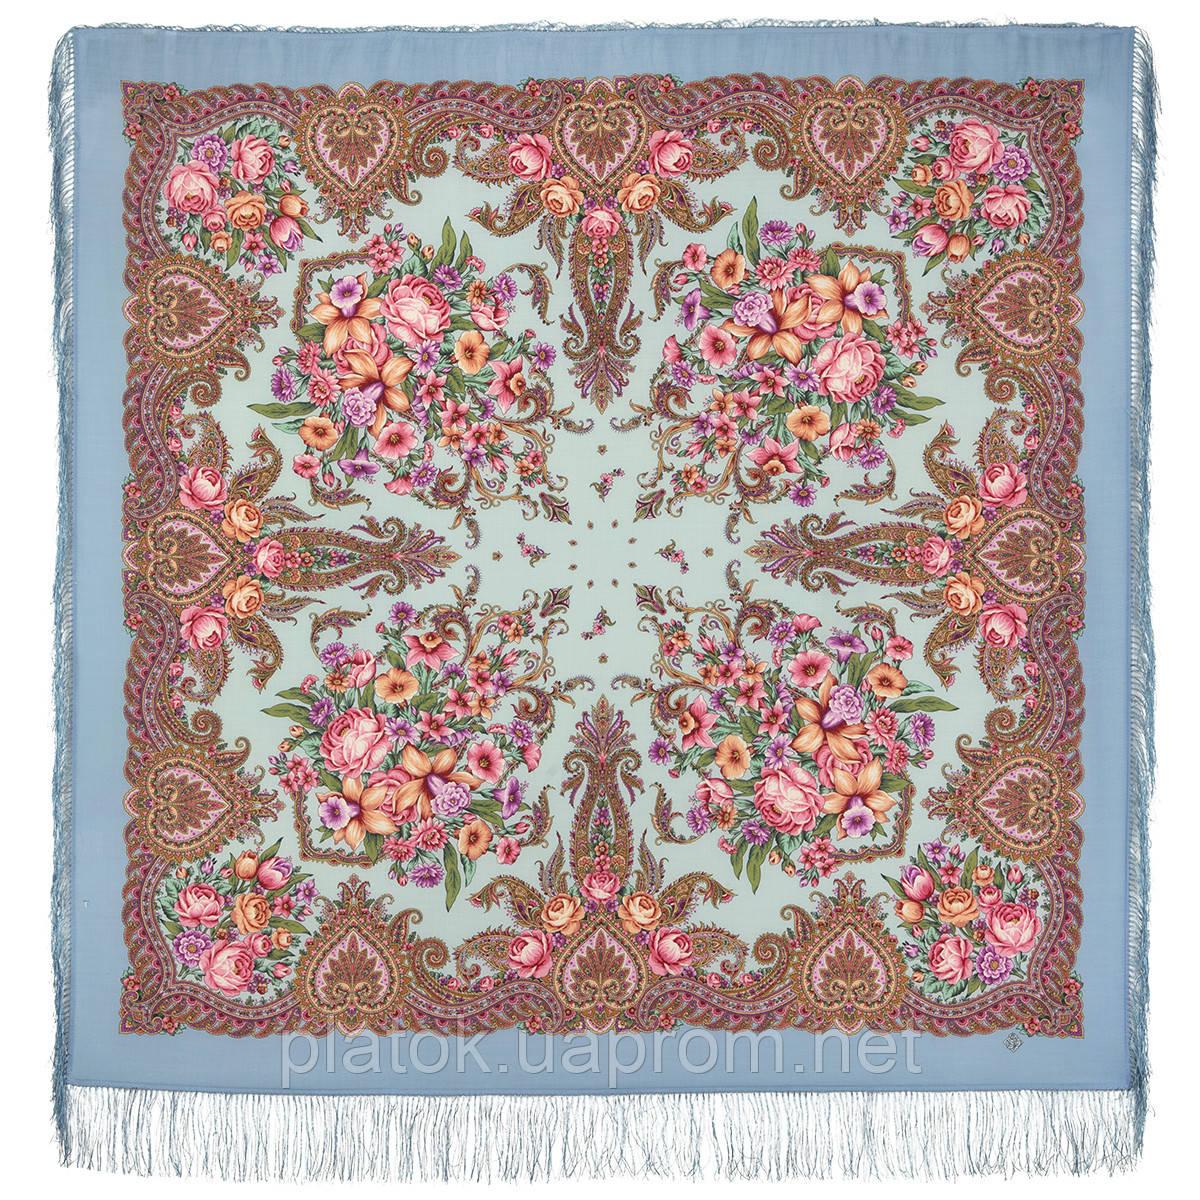 Магия чувств 1629-13, павлопосадский платок шерстяной (двуниточная шерсть) с шелковой бахромой